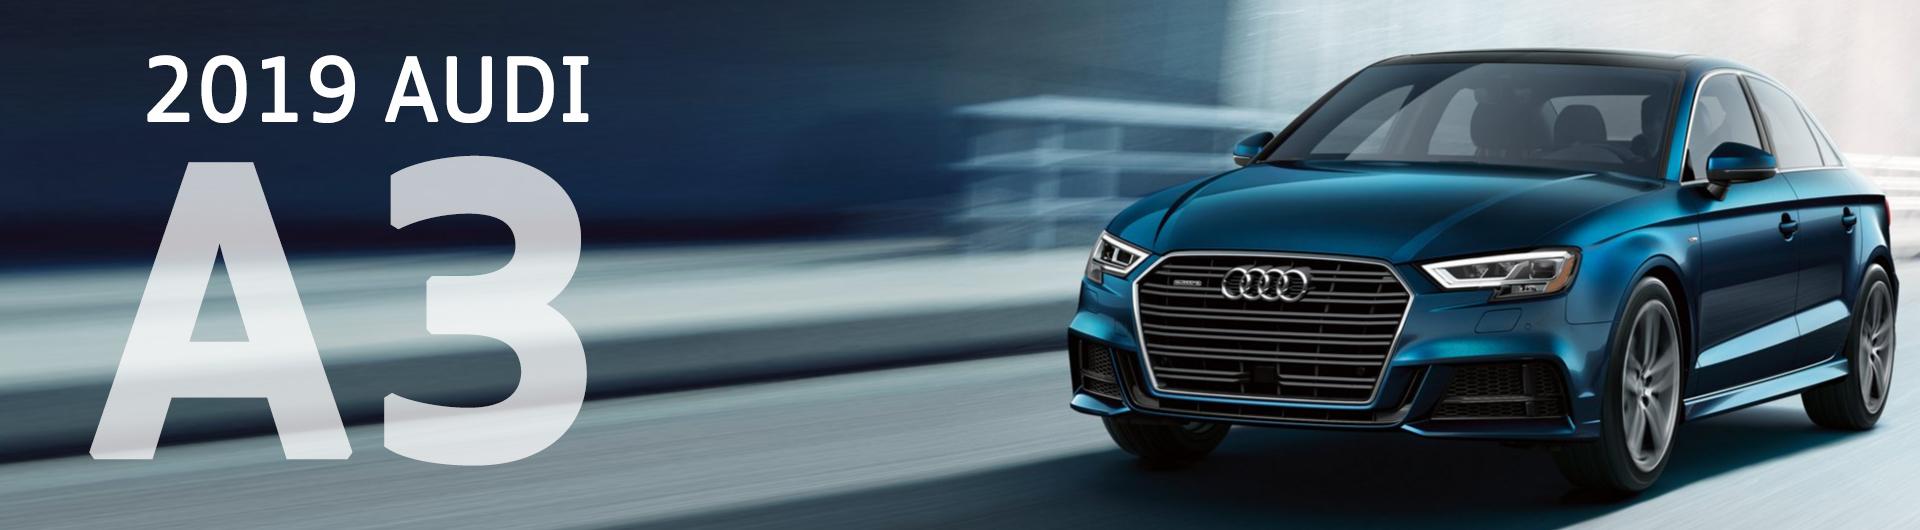 2019 Audi A3 | Fiore Audi